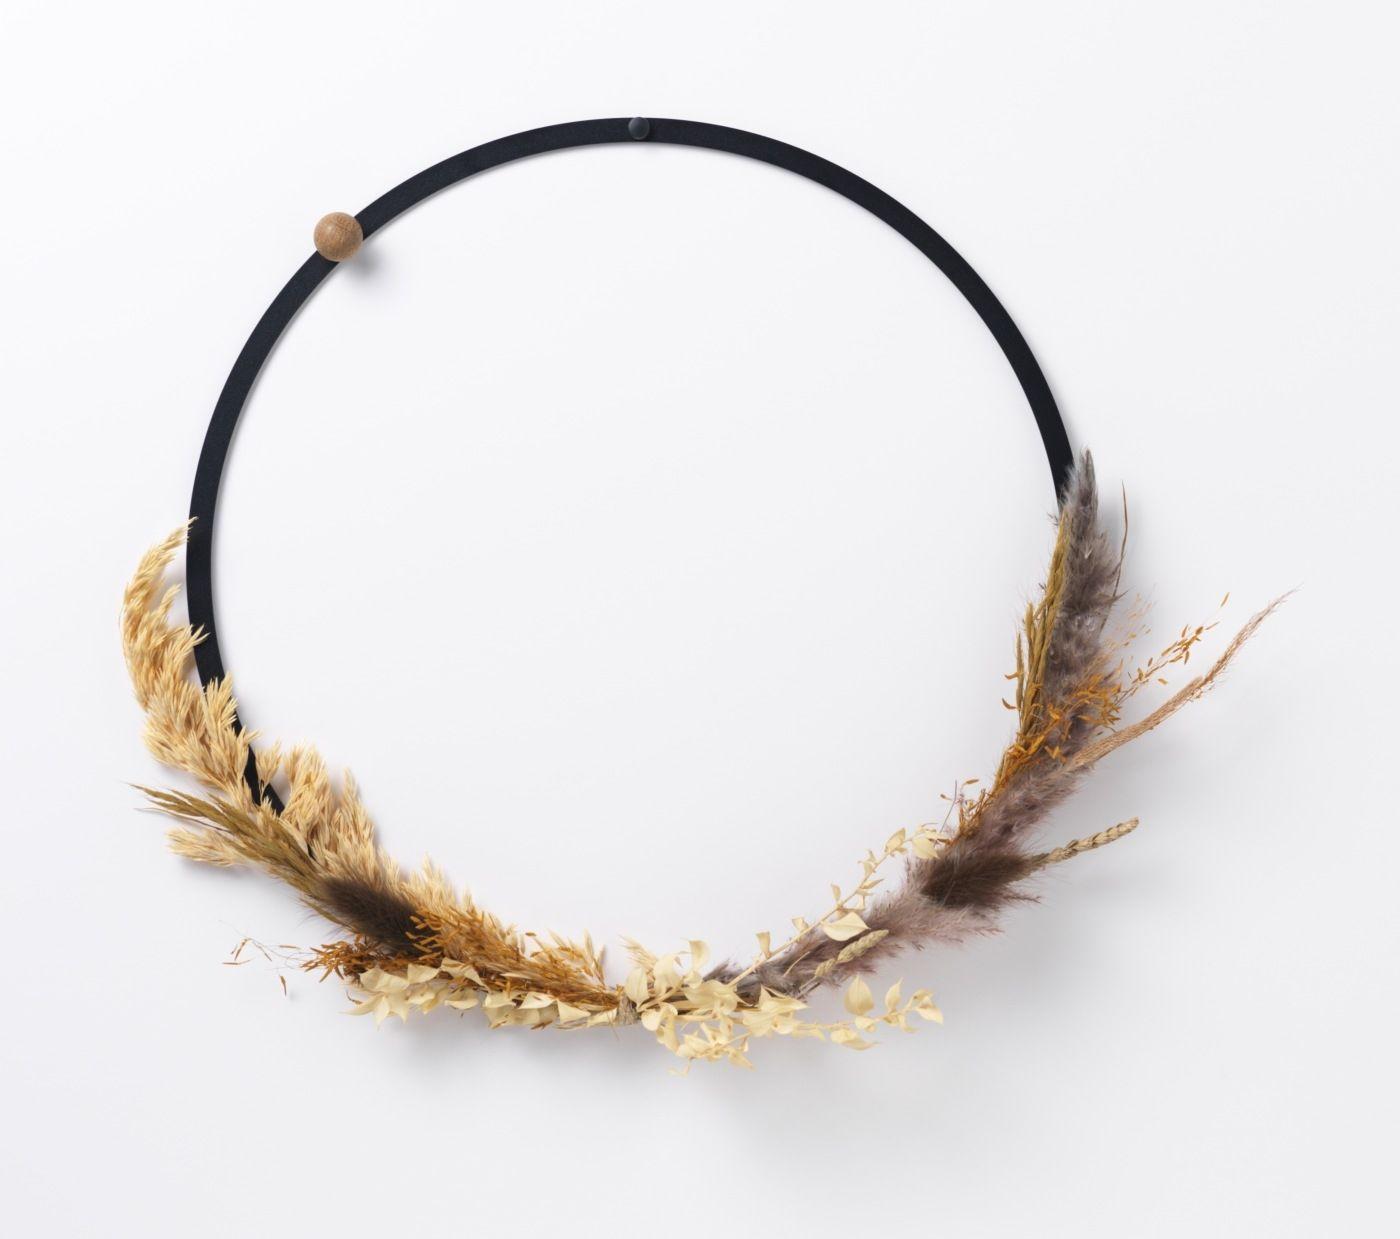 CZARNY metalowy okrągły pierścień / obręcz / wianek dekoracje fi-35 cm NAGA (70150)